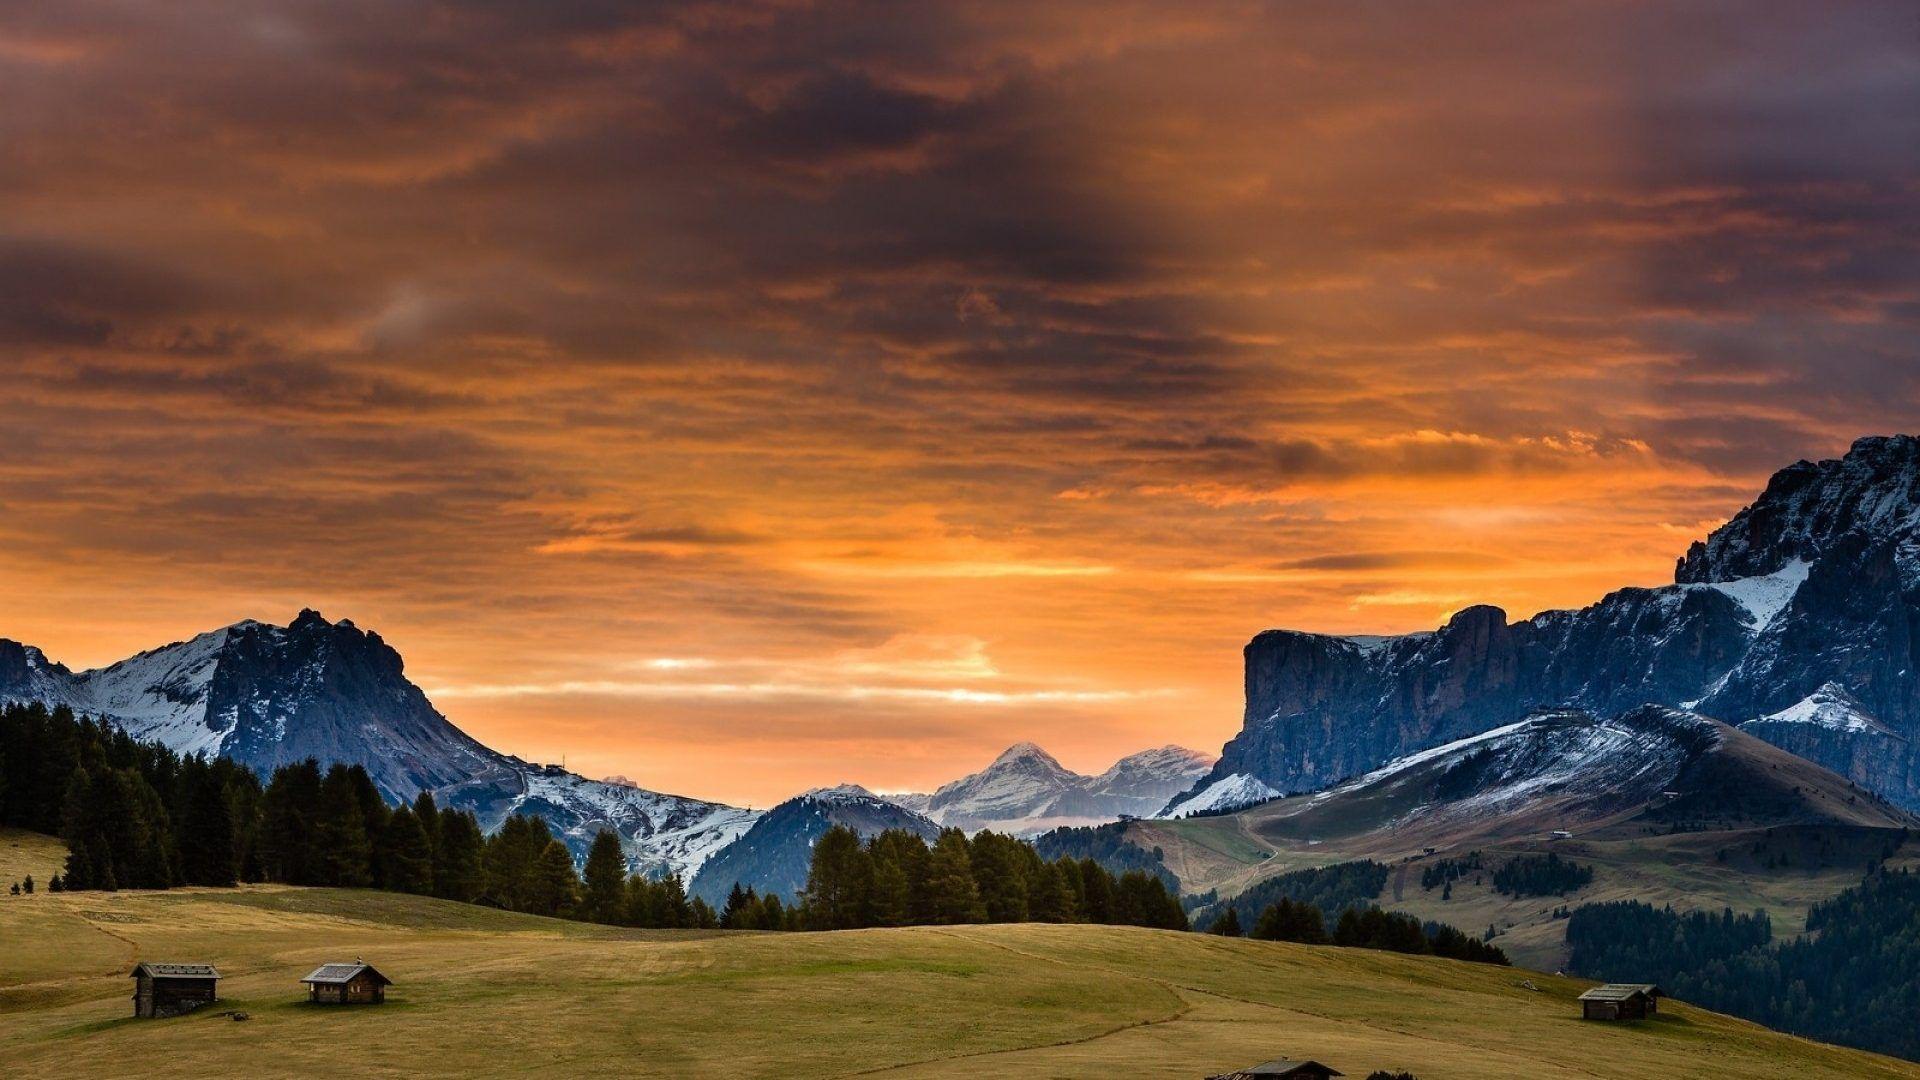 Mountains Landscape Mountain Sky Manipulation Sunset Nature Sun Peaks Golden Sun Mountain Landscape Photography Sunset Landscape Photography Mountain Landscape